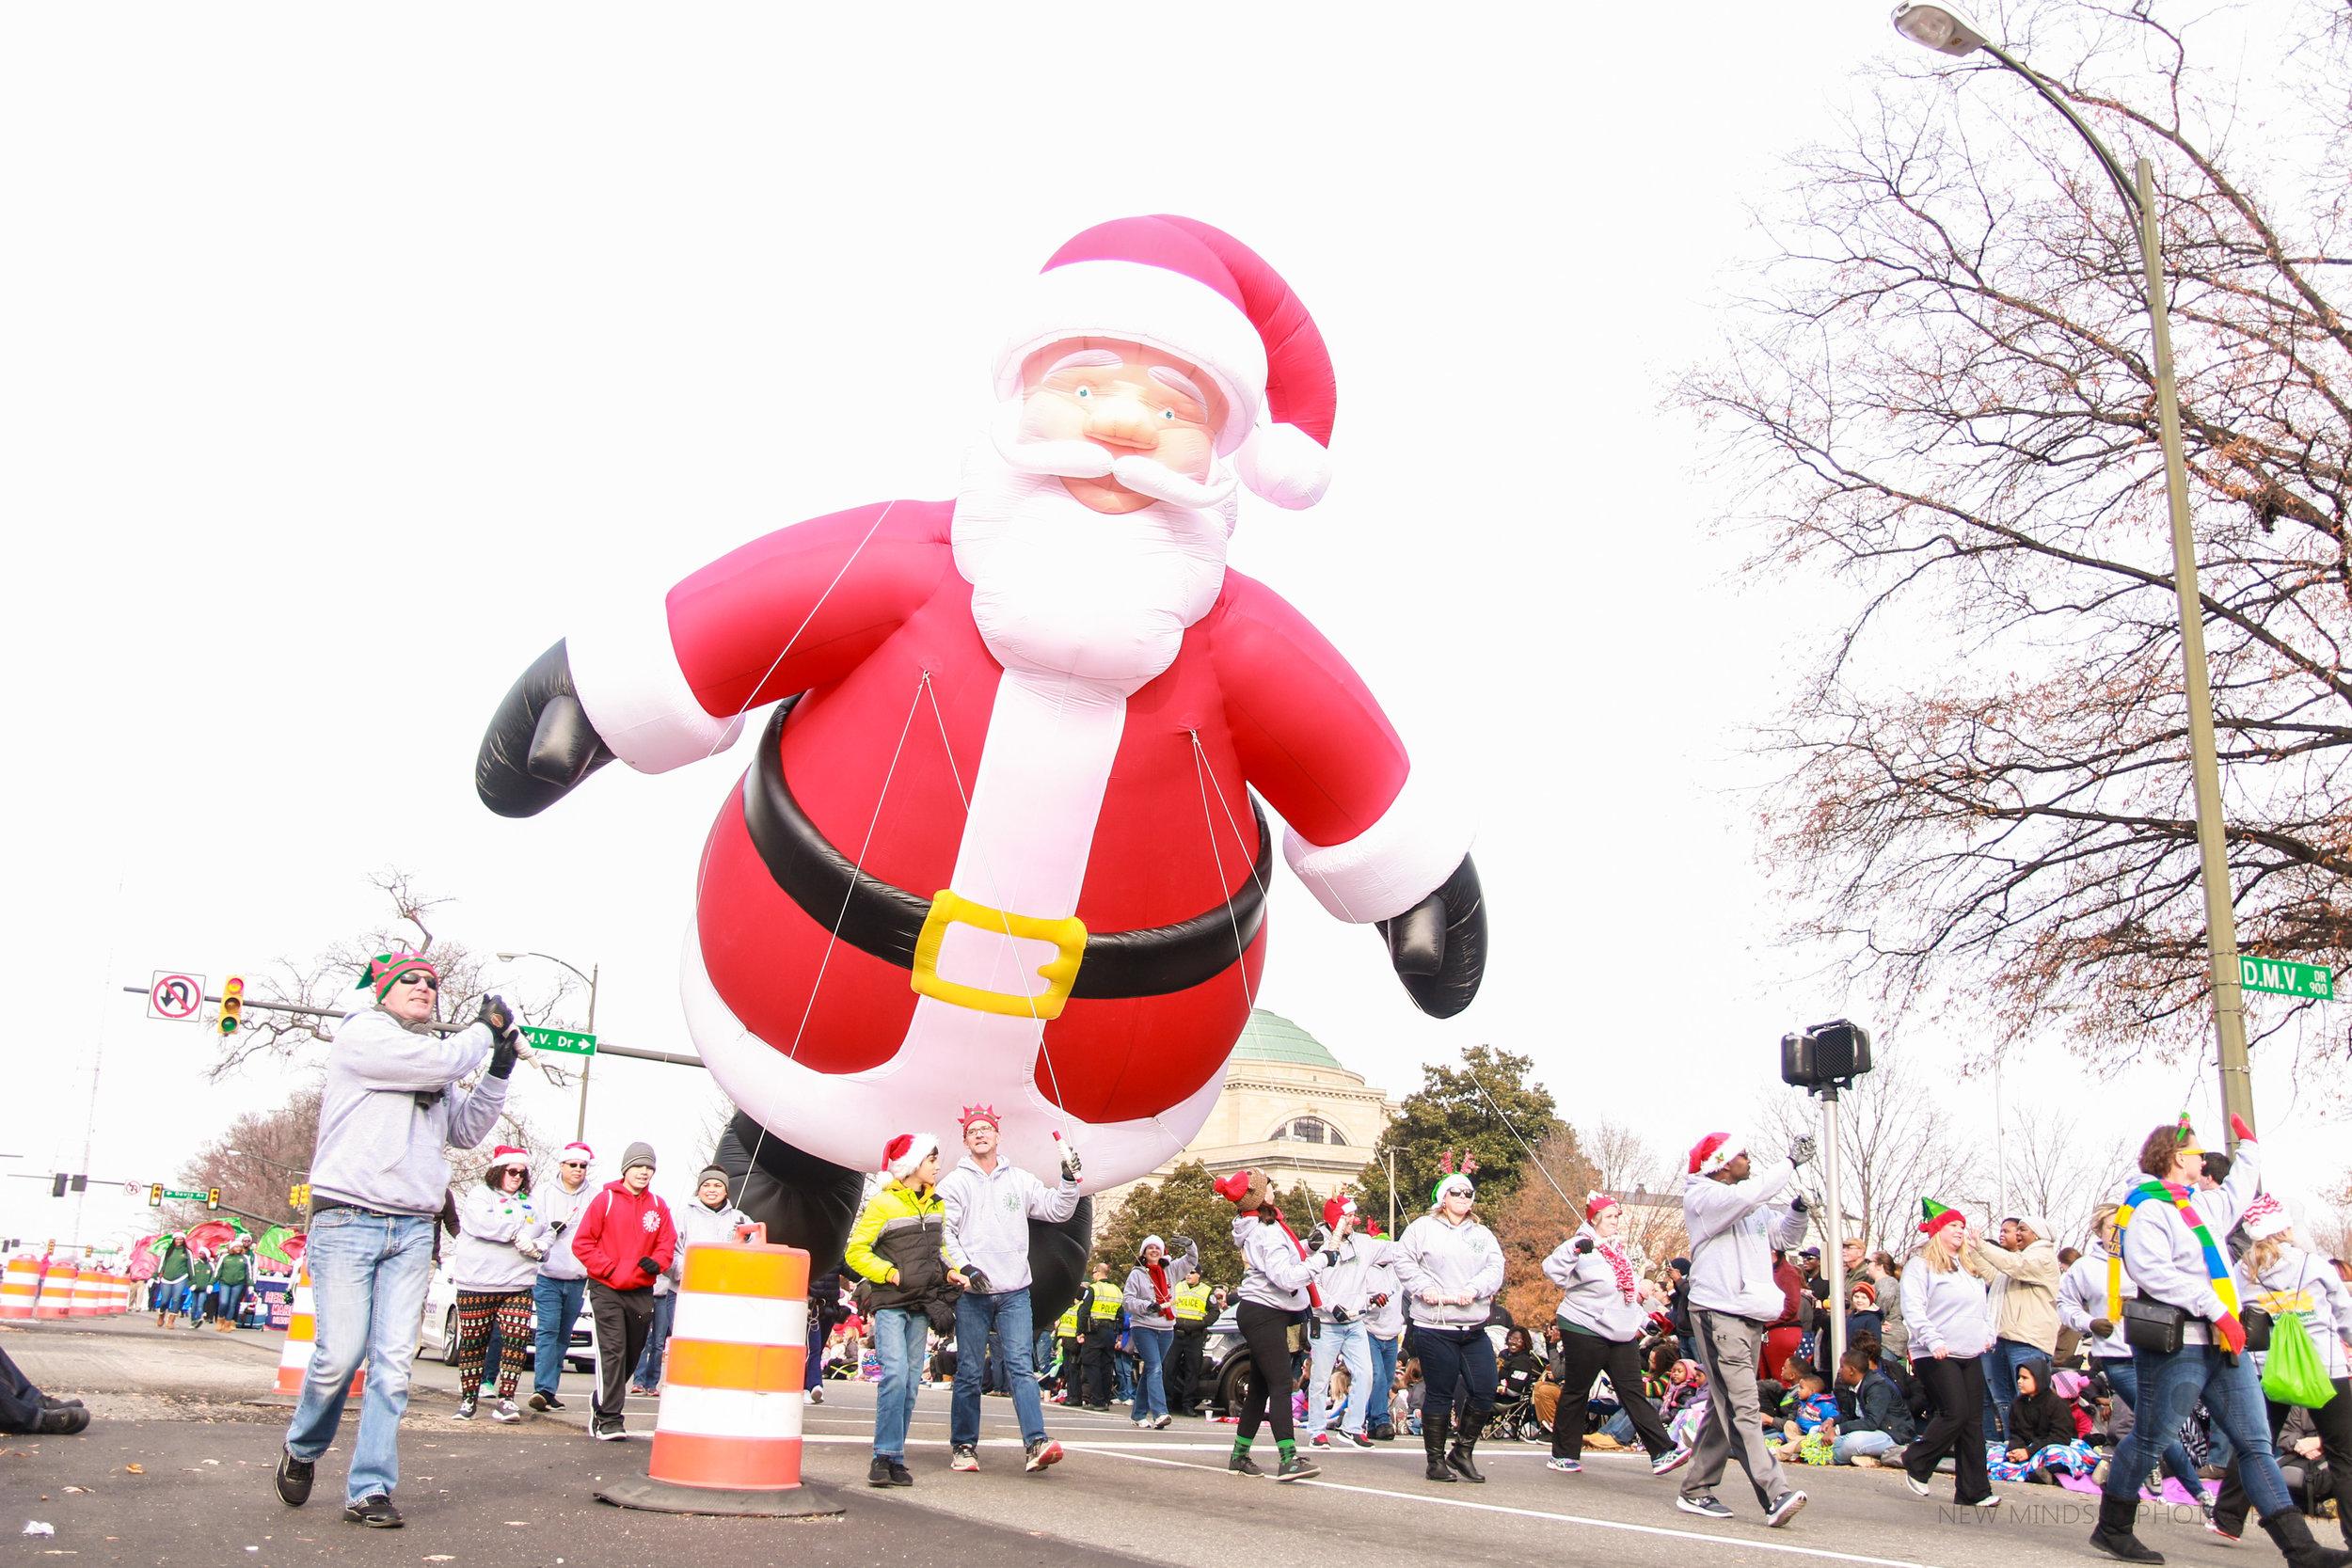 christparade17-3.jpg